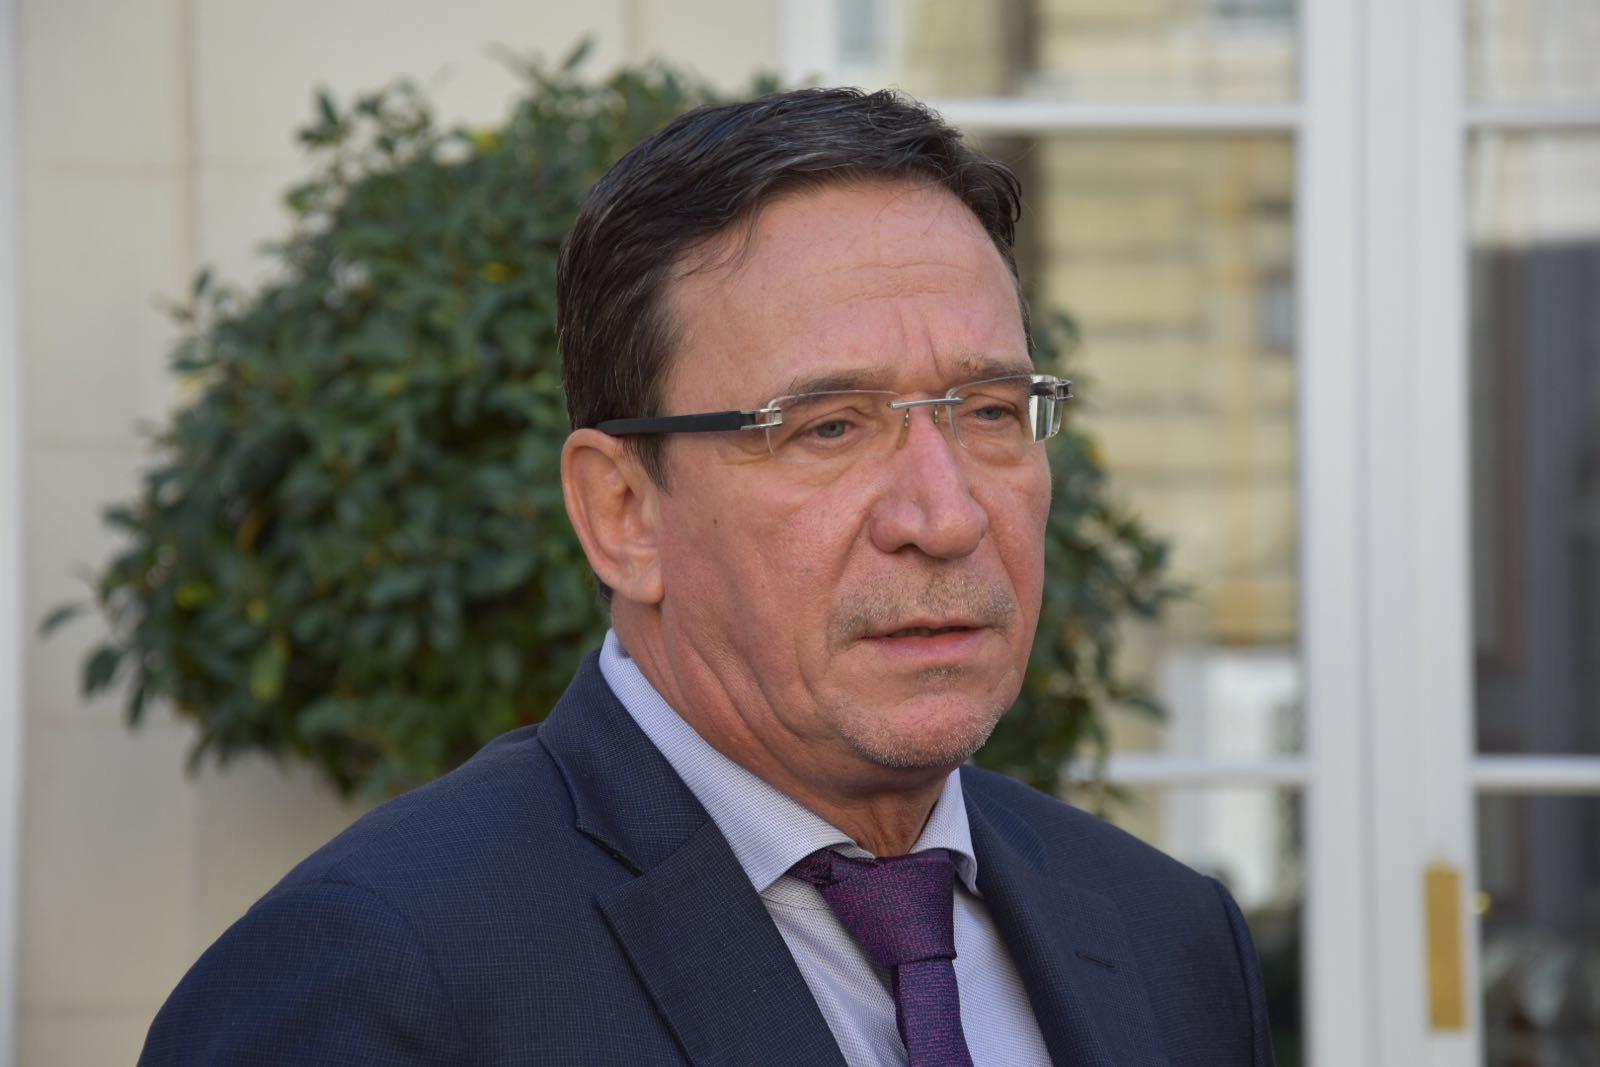 Comité des Signataires : « On attend une parole forte et des initiatives de l'Etat », déclare Philippe Gomes, Président de Calédonie Ensemble